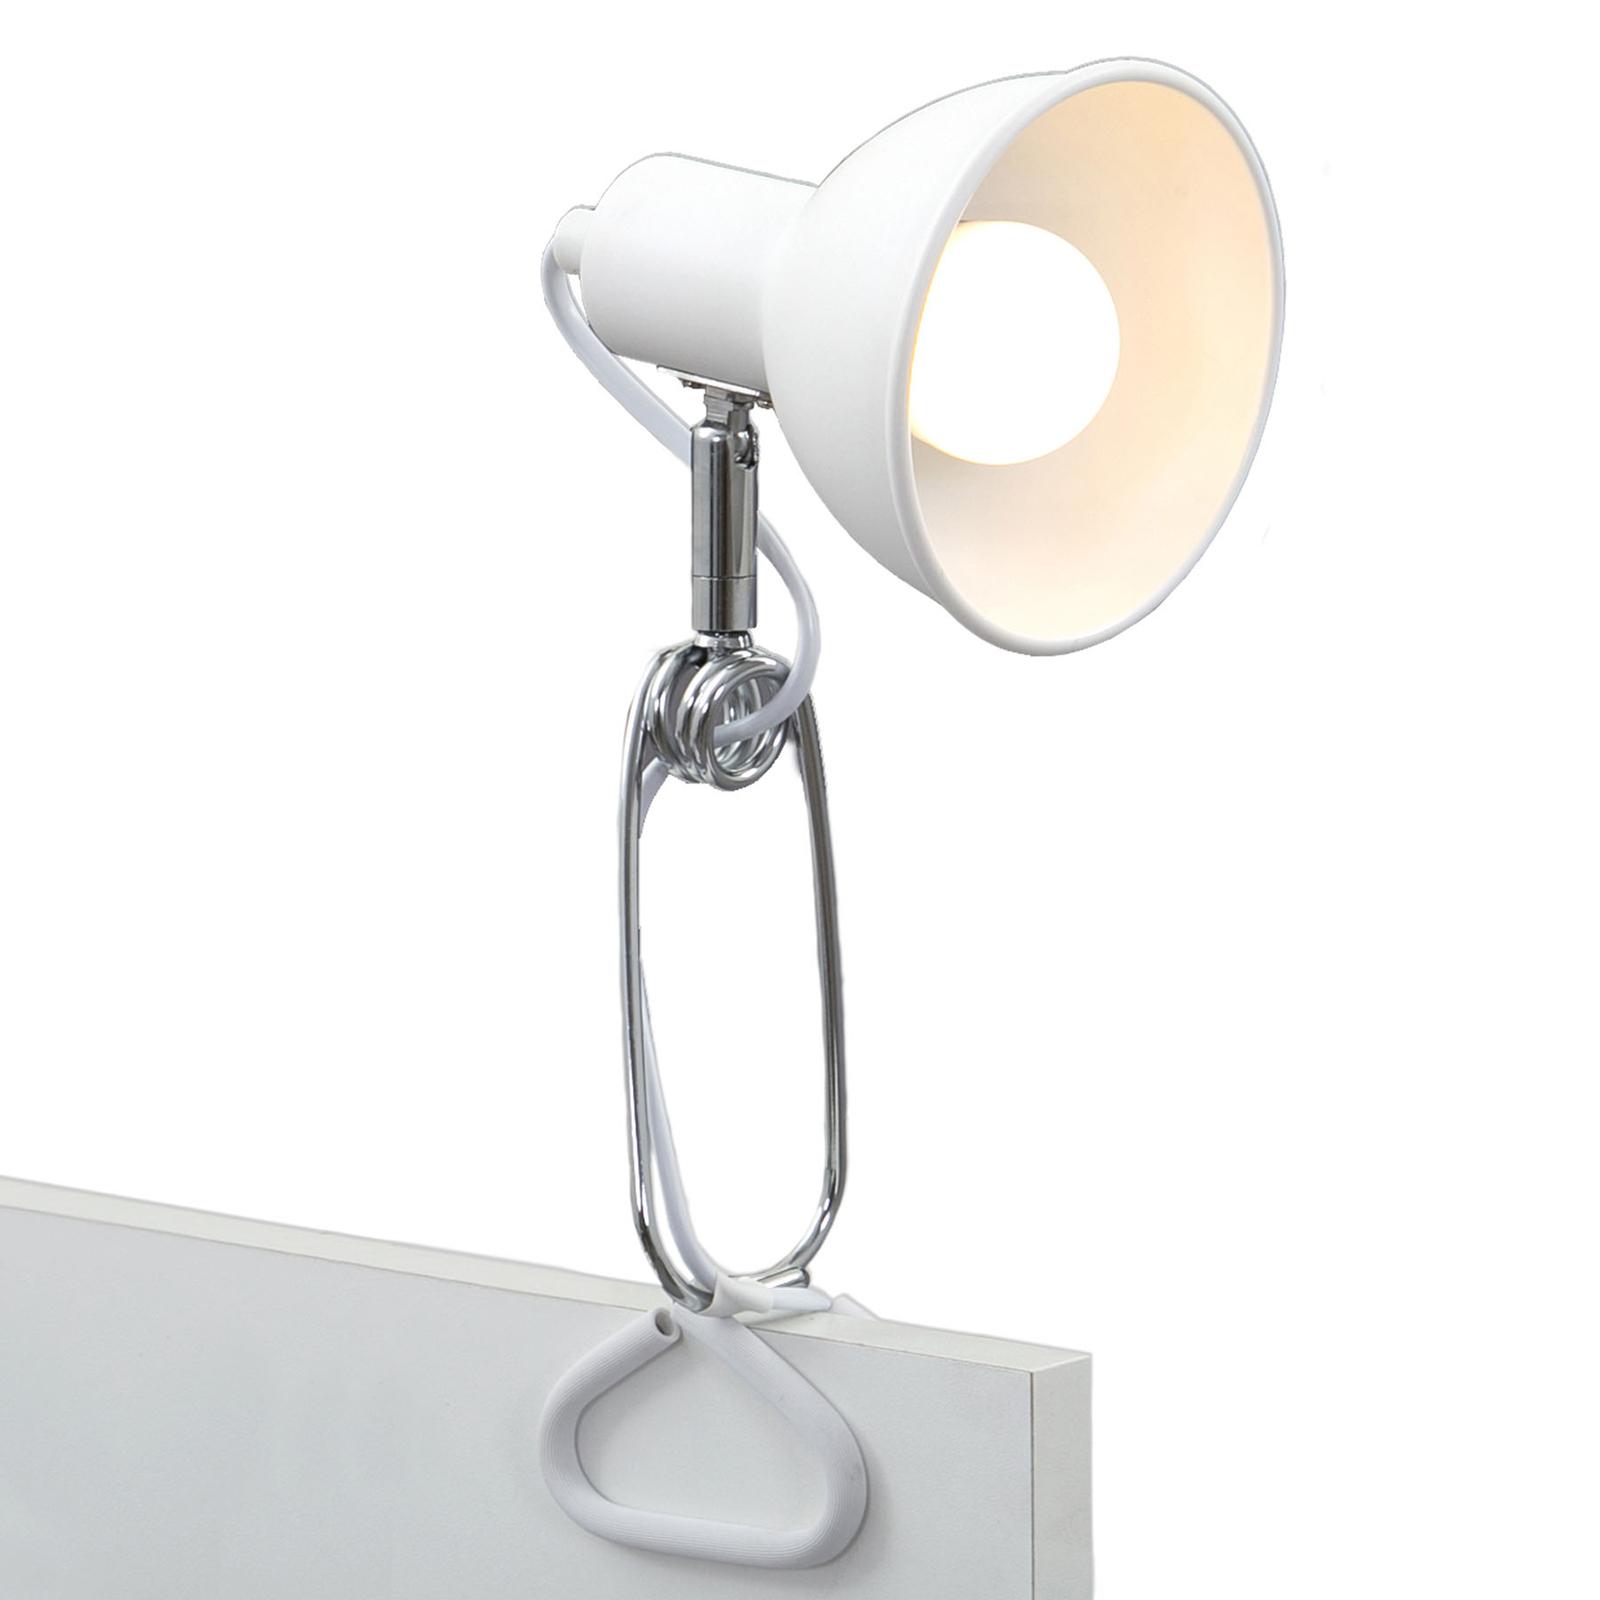 Klämlampa 2790 med metallskärm, vit